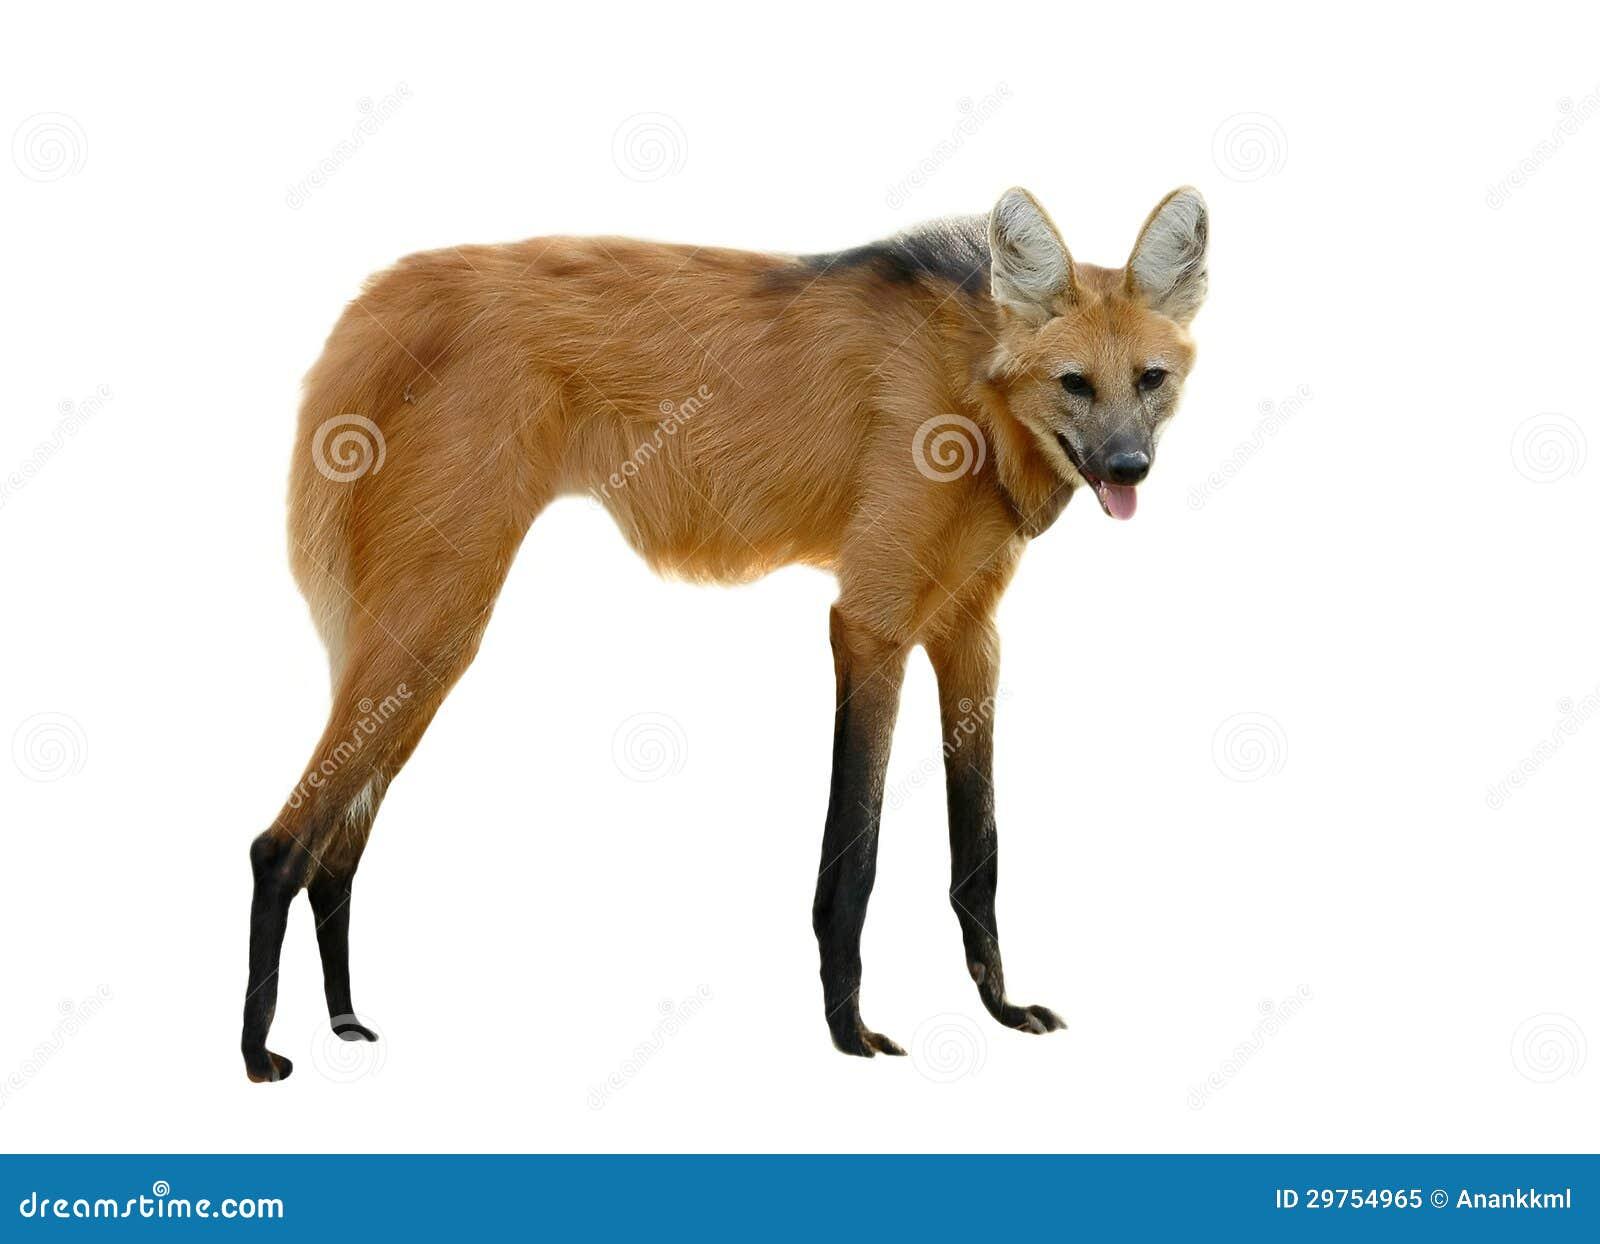 maned wolf stock image  image of beast  furry  maned